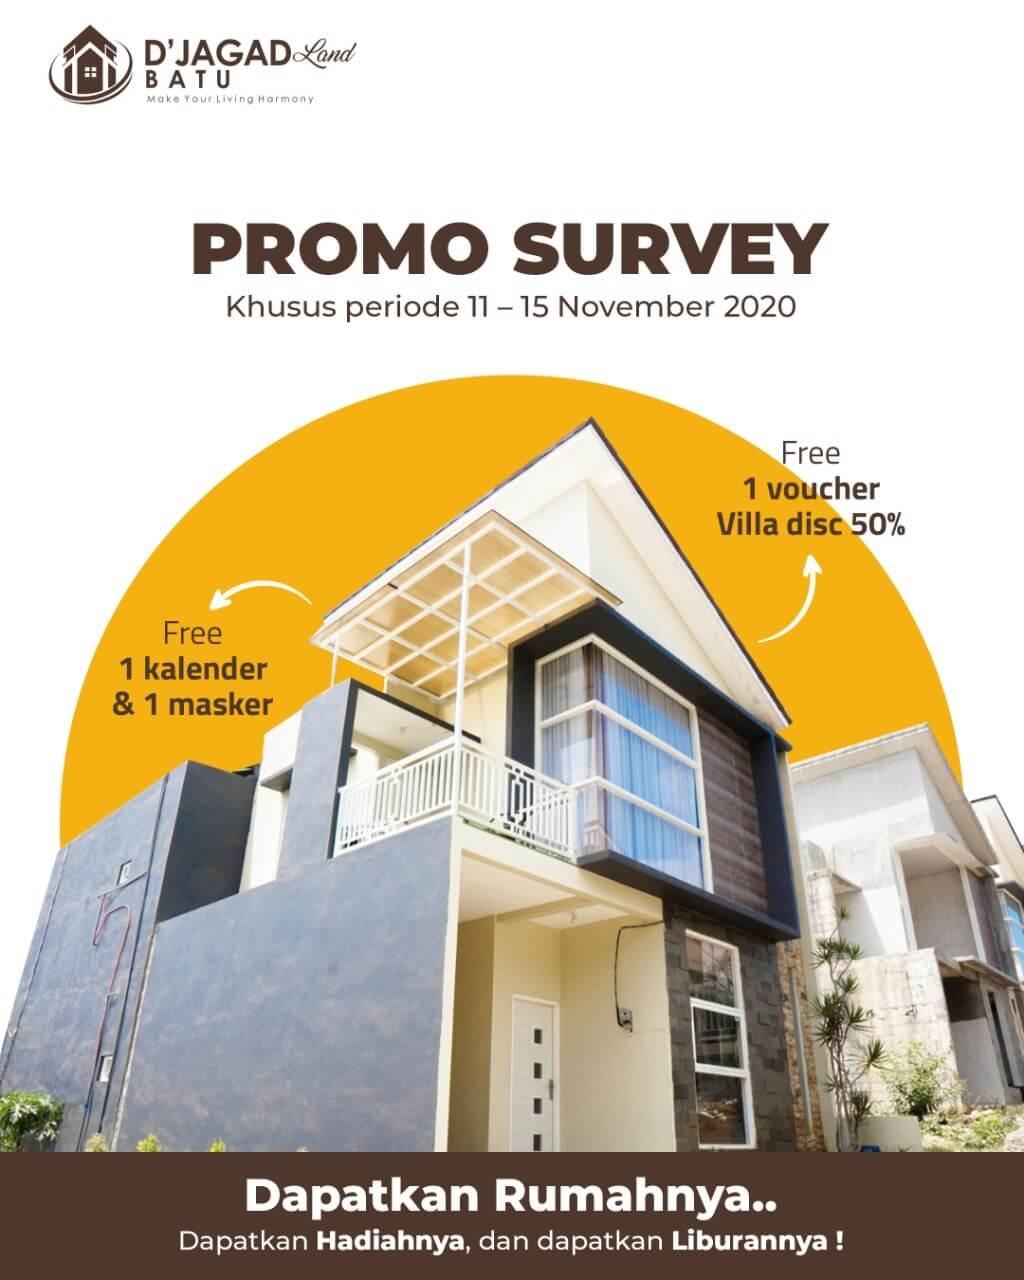 rumah syariah malang - rumah malang - rumah dijual malang - rumah dijual batu - promo survey bulan november 2020 - d'jagadland batu - davdigi